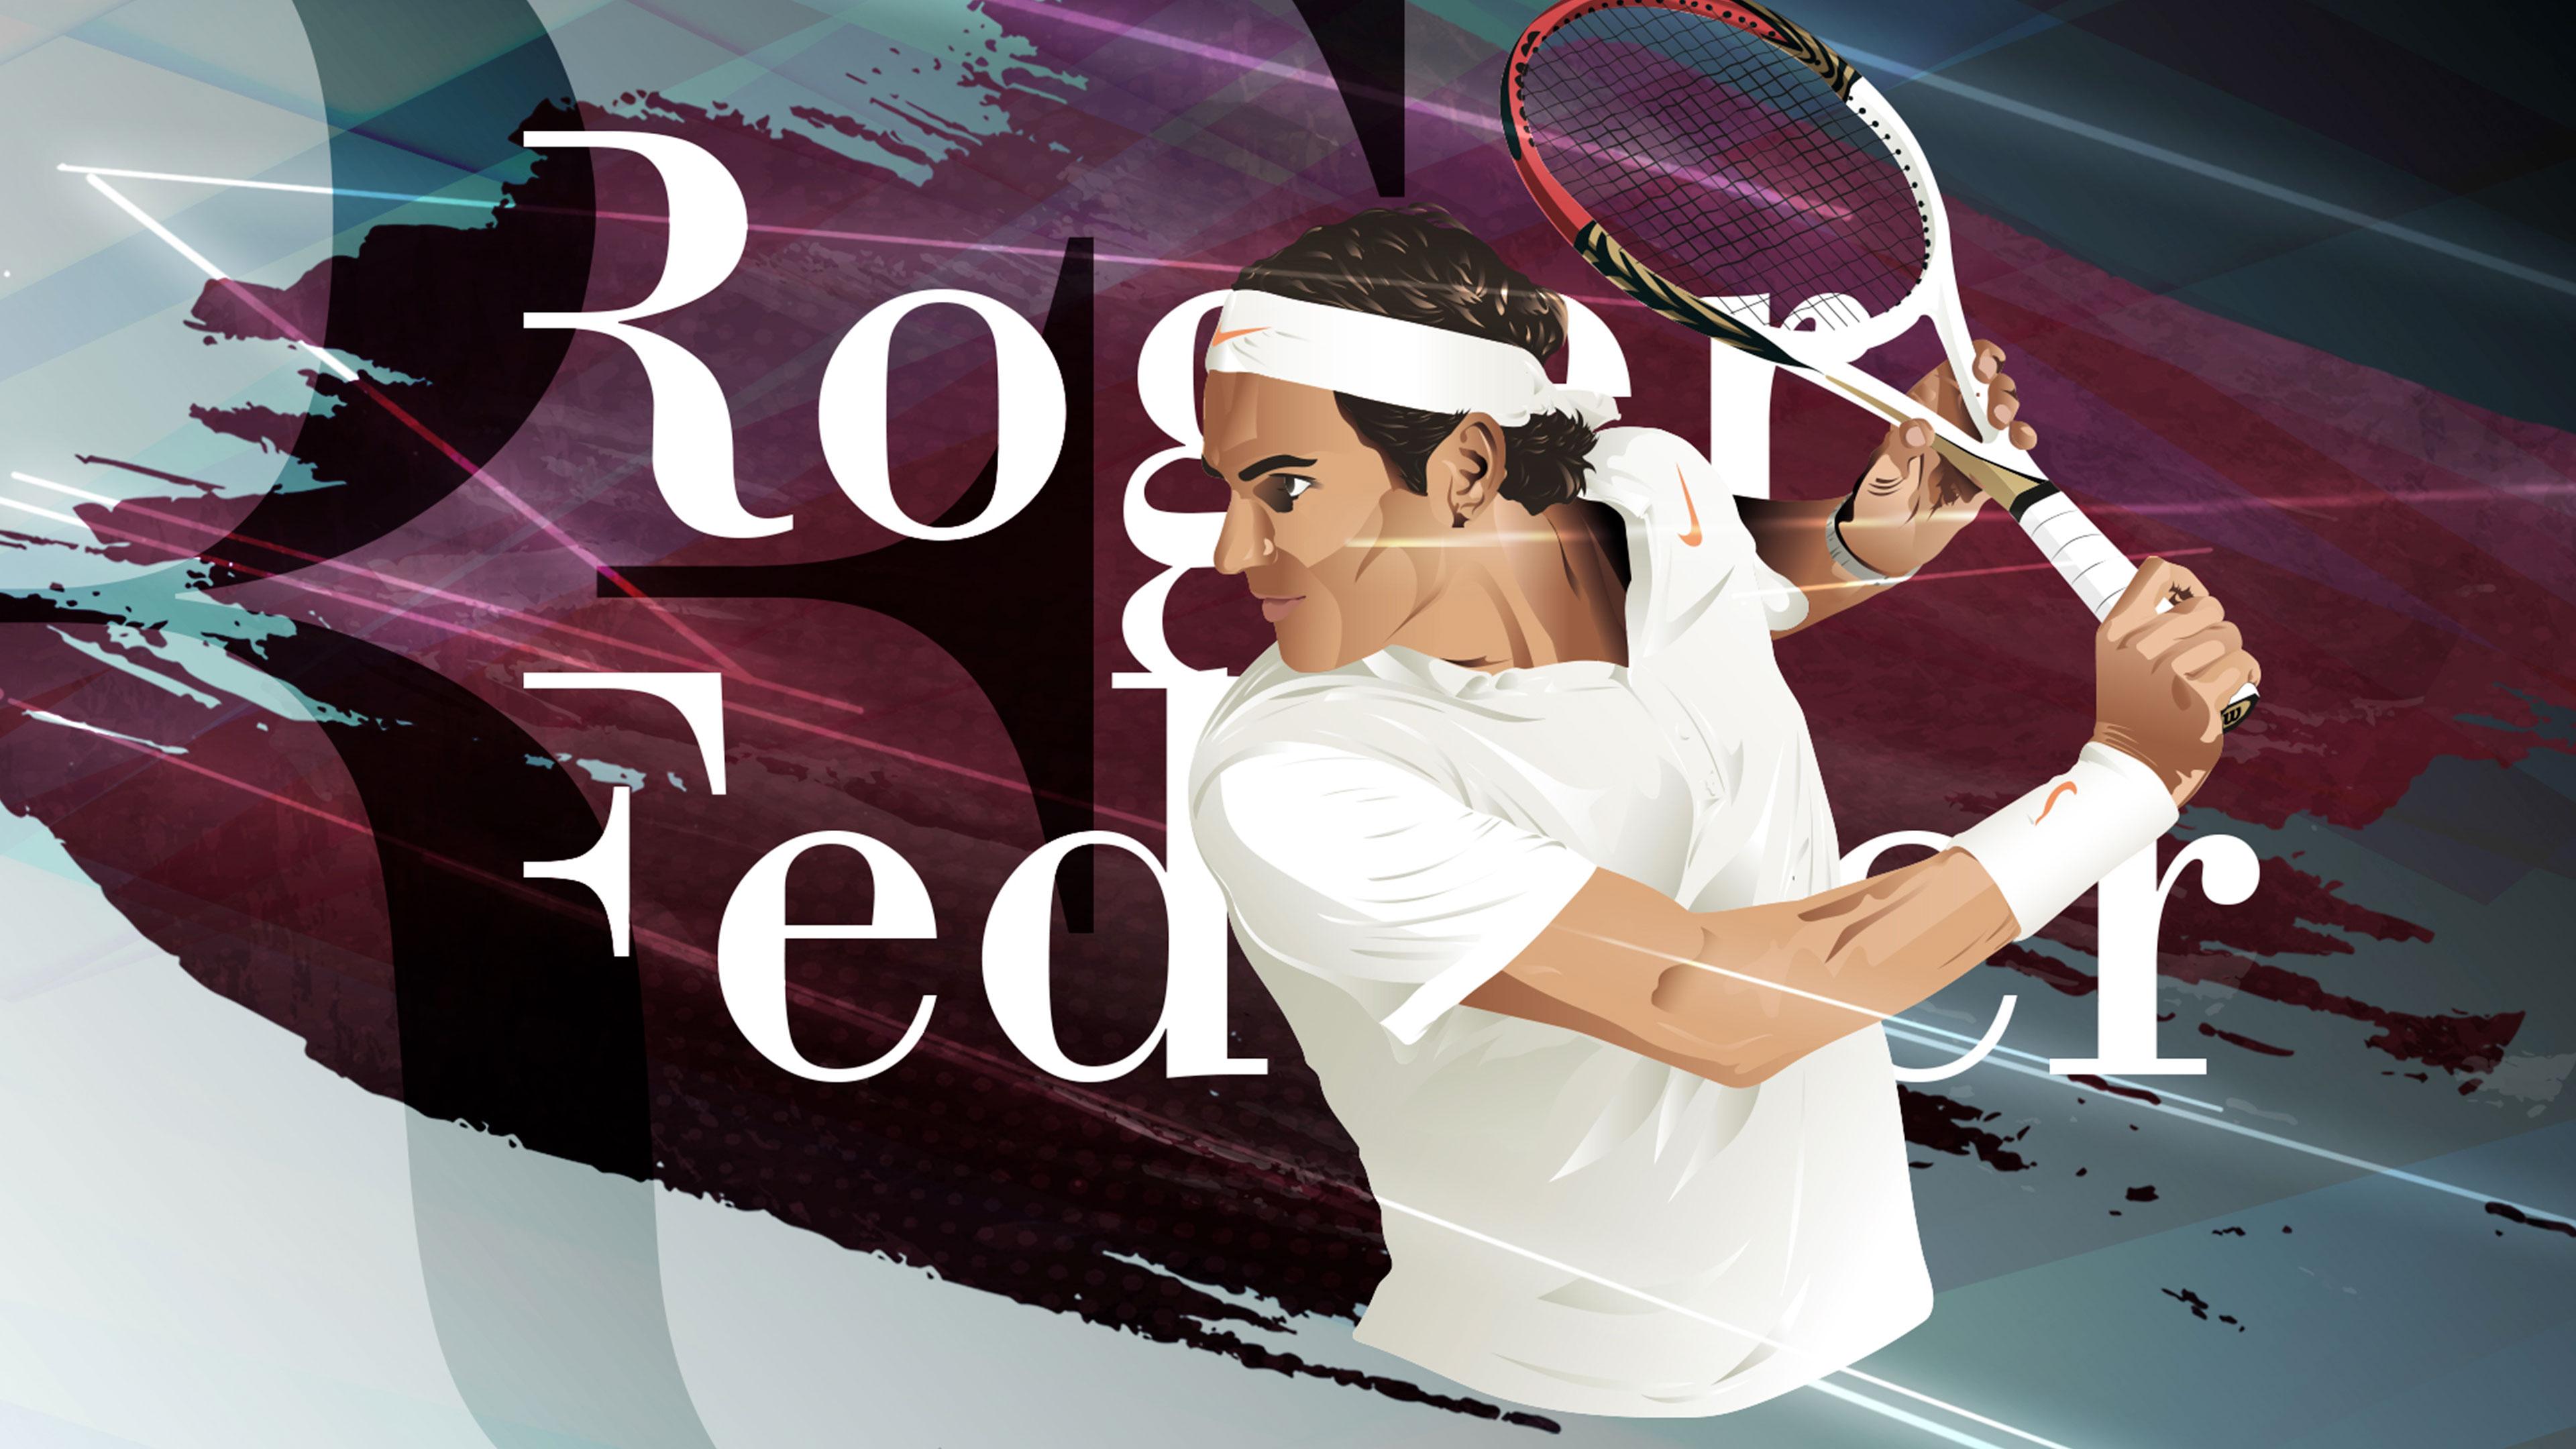 Création personnelle Roger Federer